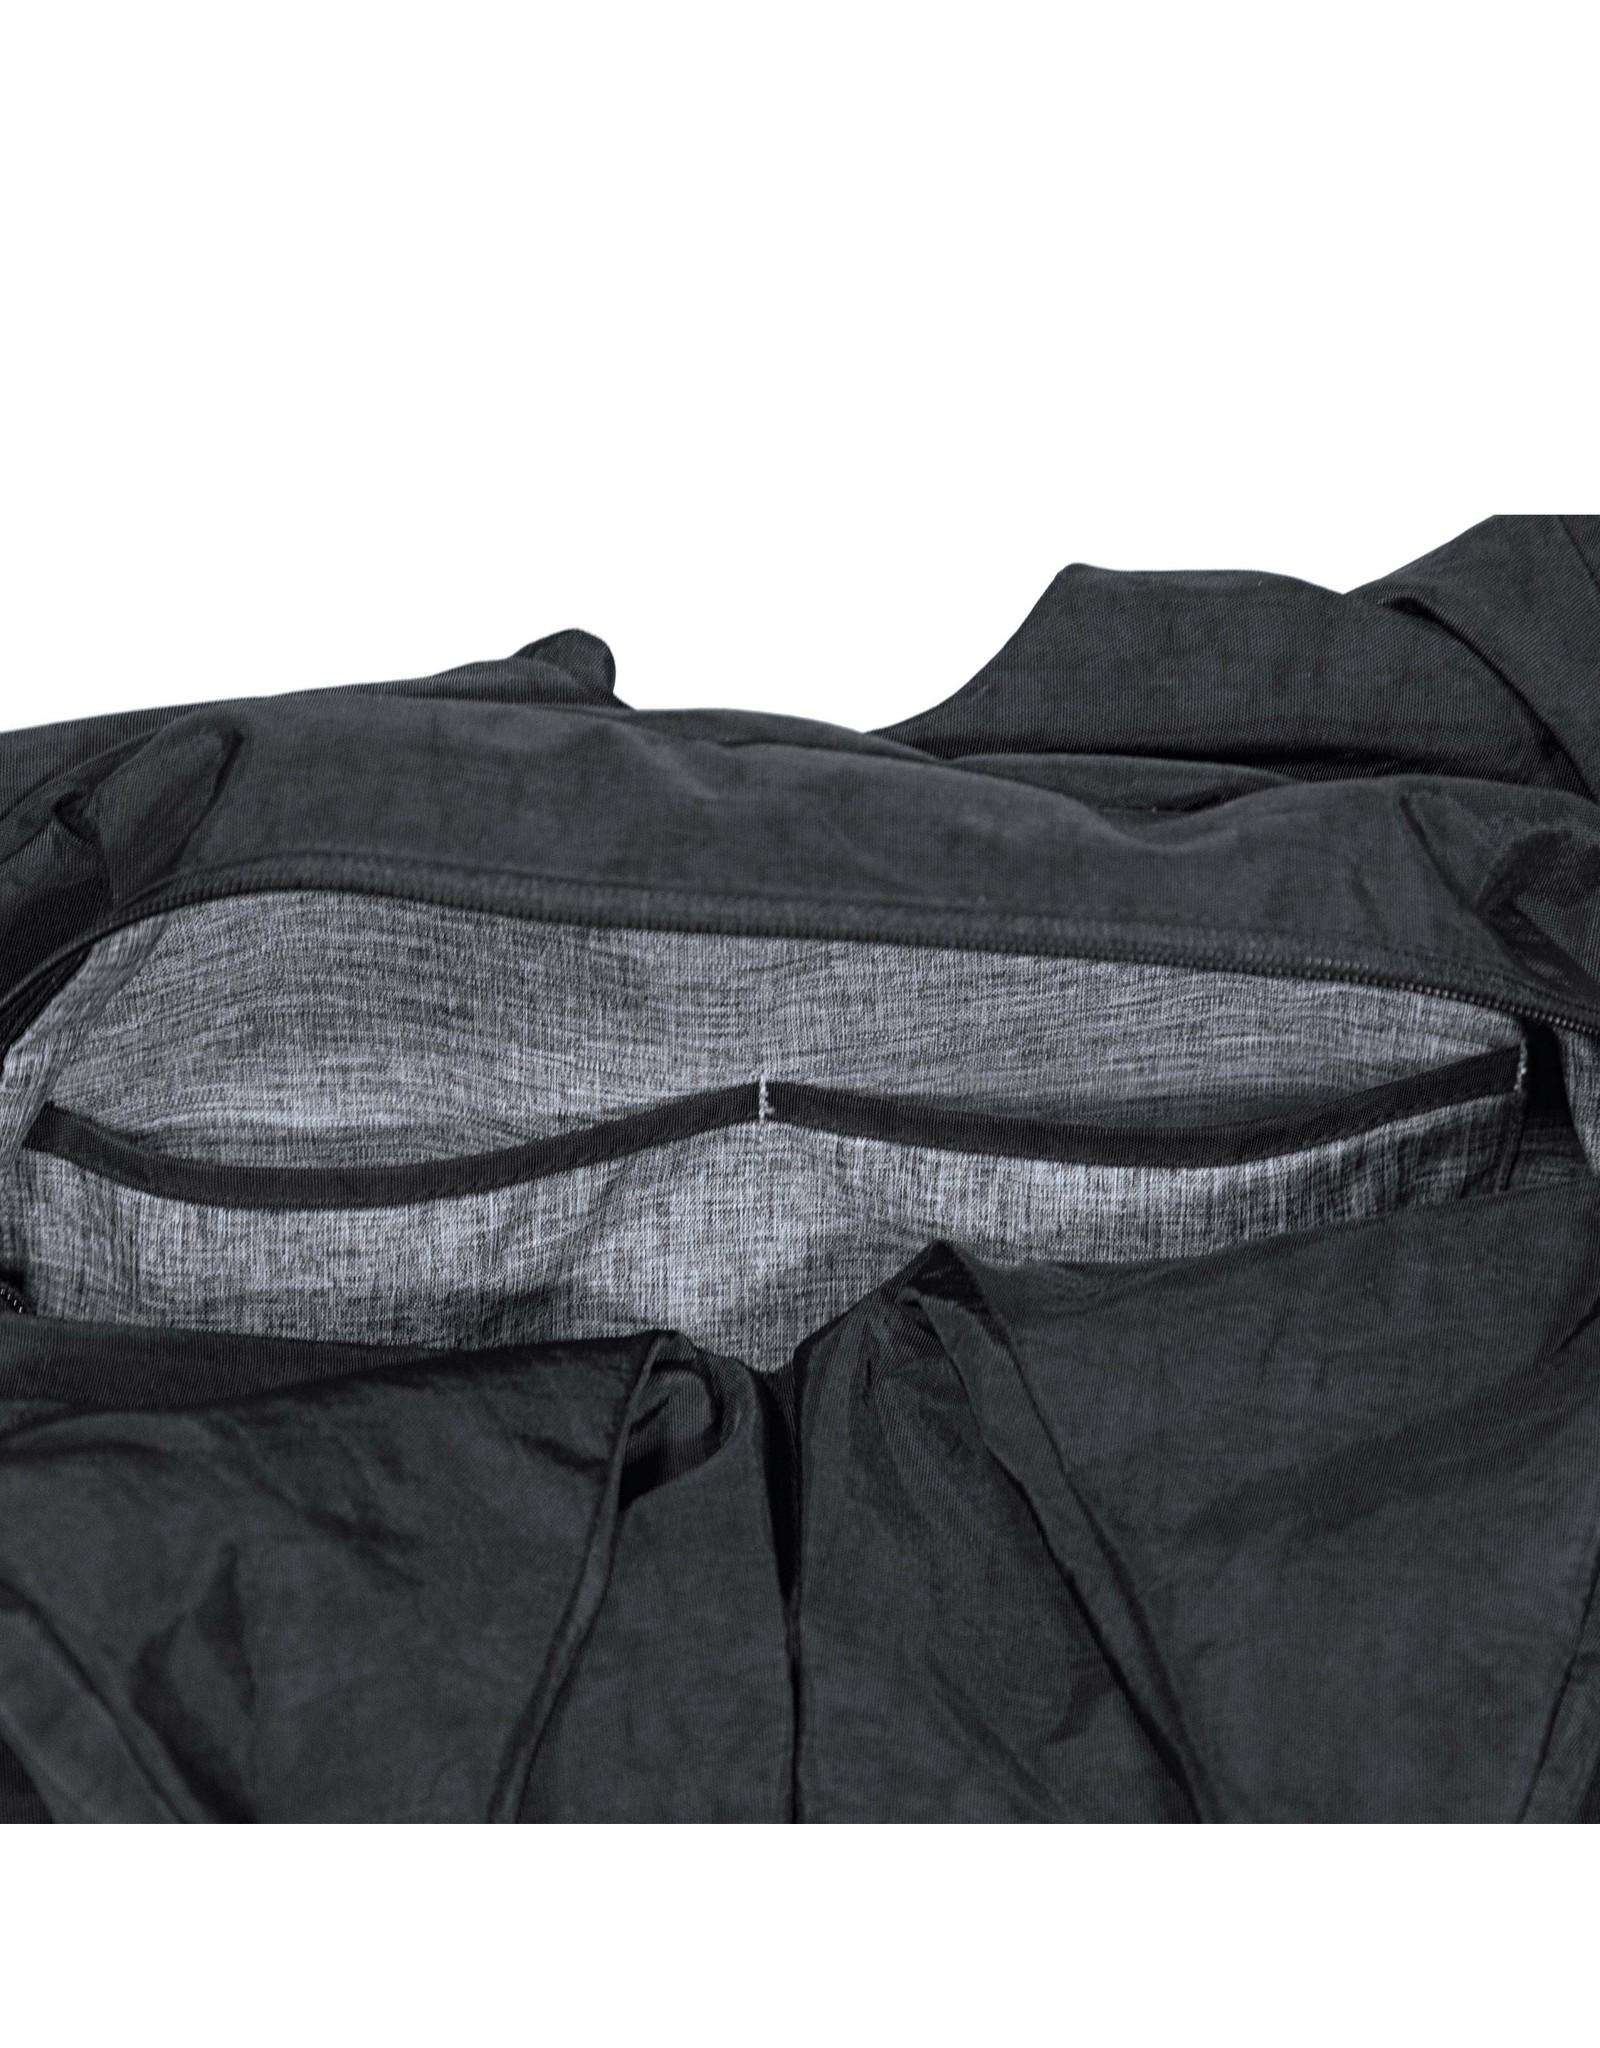 Eurotard Eurotard Black dance tote bag